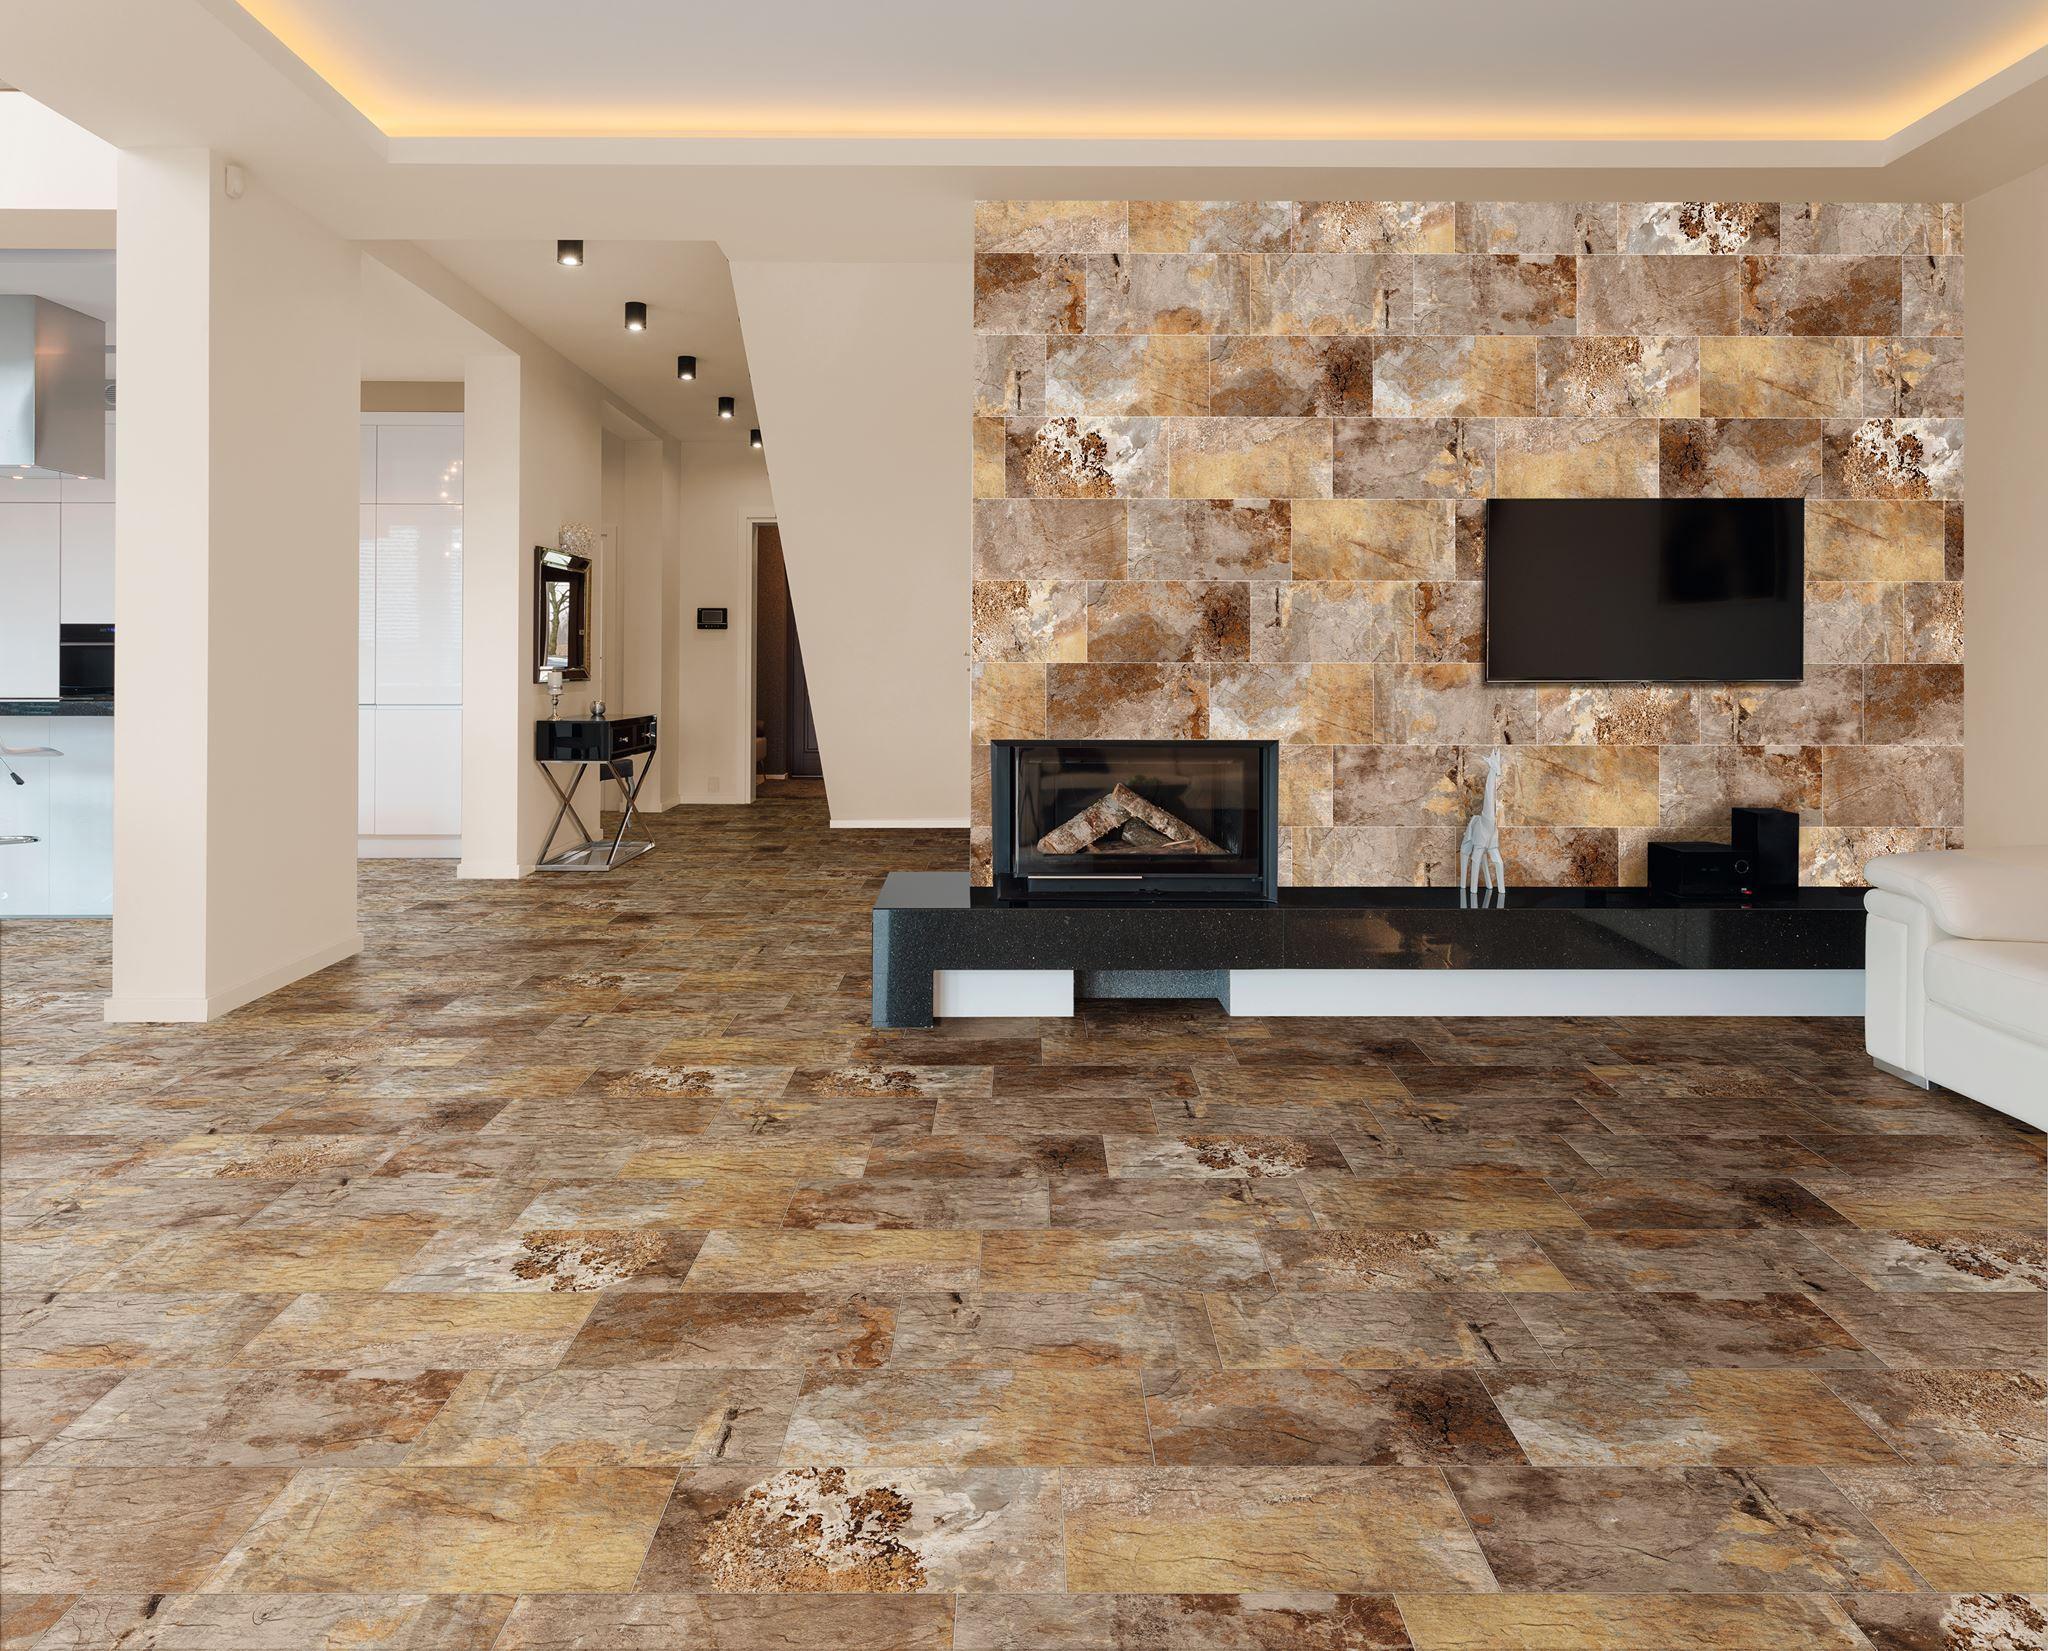 Azulejos y pavimentos cer micos imitando a la piedra es - Pavimentos ceramicos interiores ...